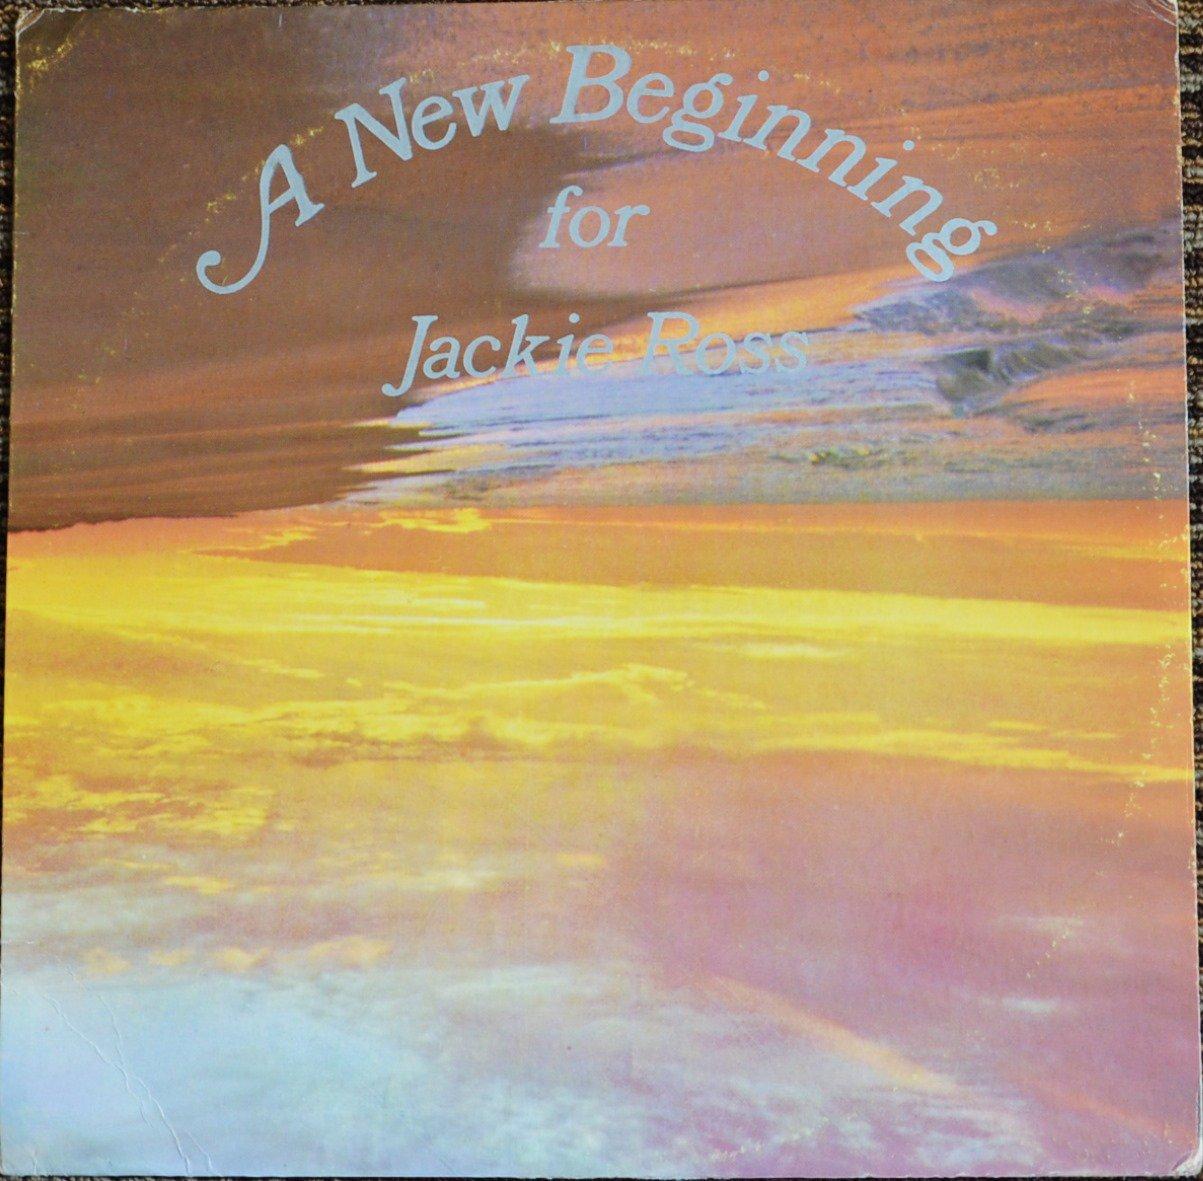 JACKIE ROSS / A NEW BEGINNING (LP)